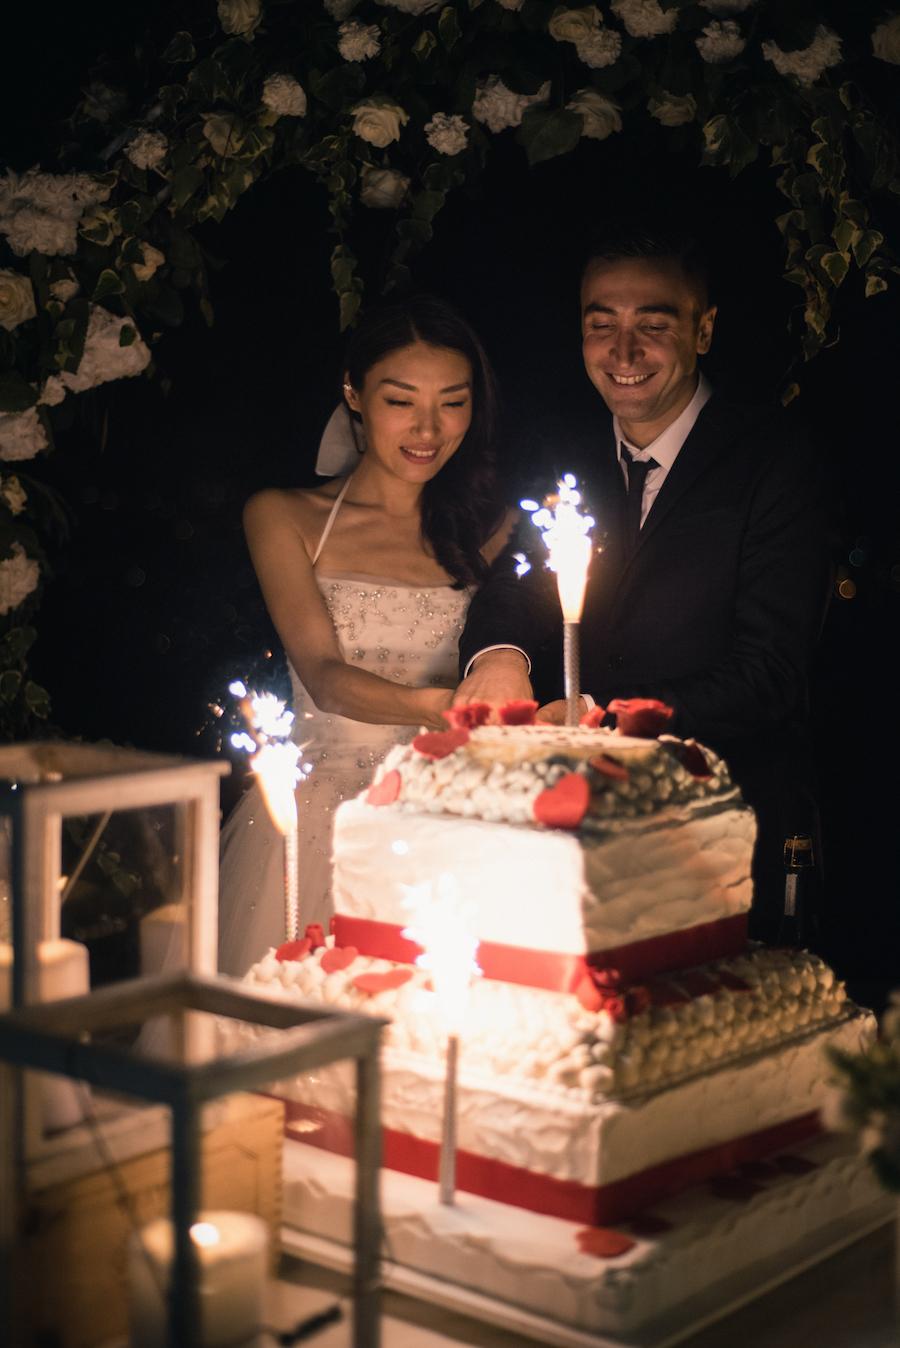 matrimonio-bilingue-con-rito-simbolico-selene-pozzer-25